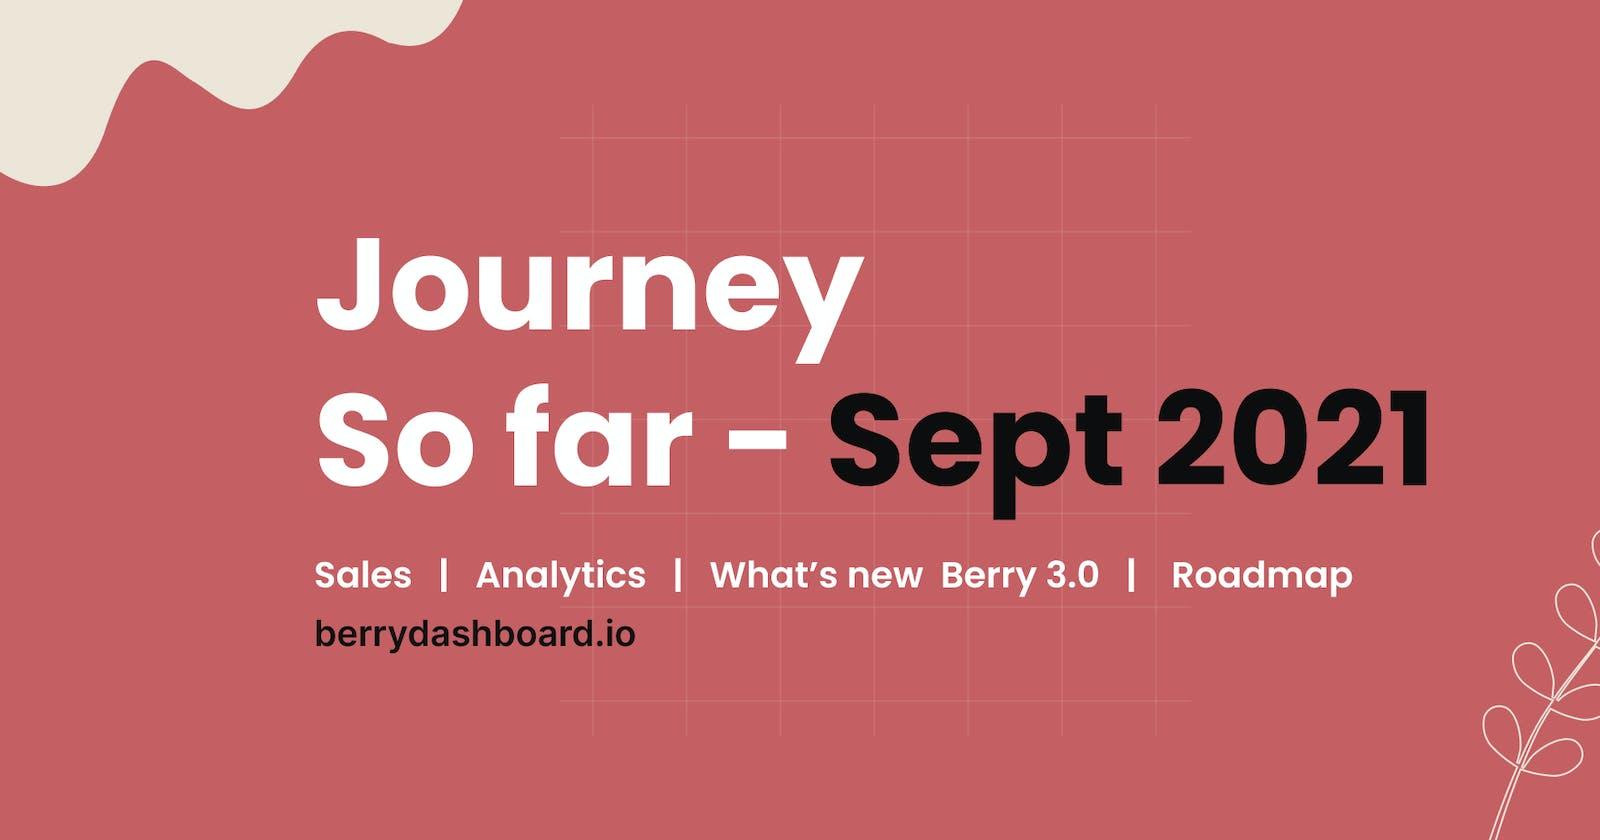 Journey So far - September 2021